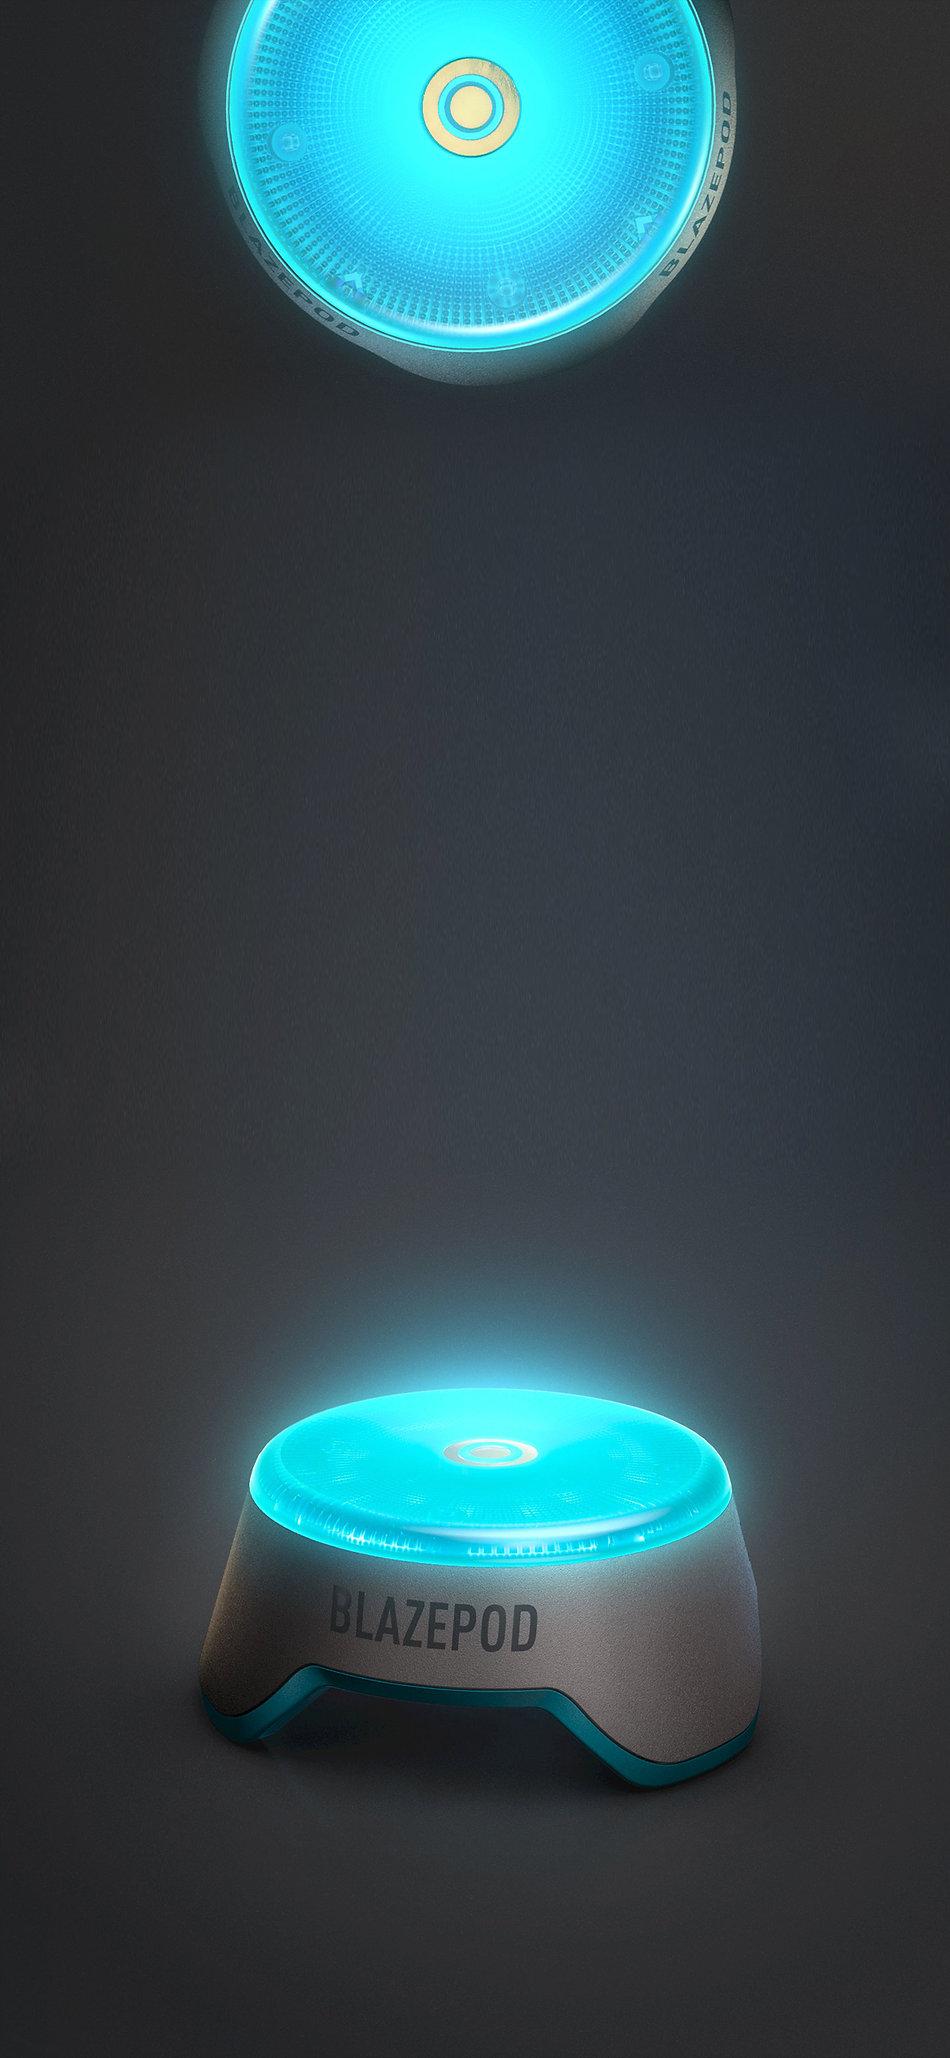 Blazepod-3D-64_Take_18B_1_CC_Mobile_001-1.jpg